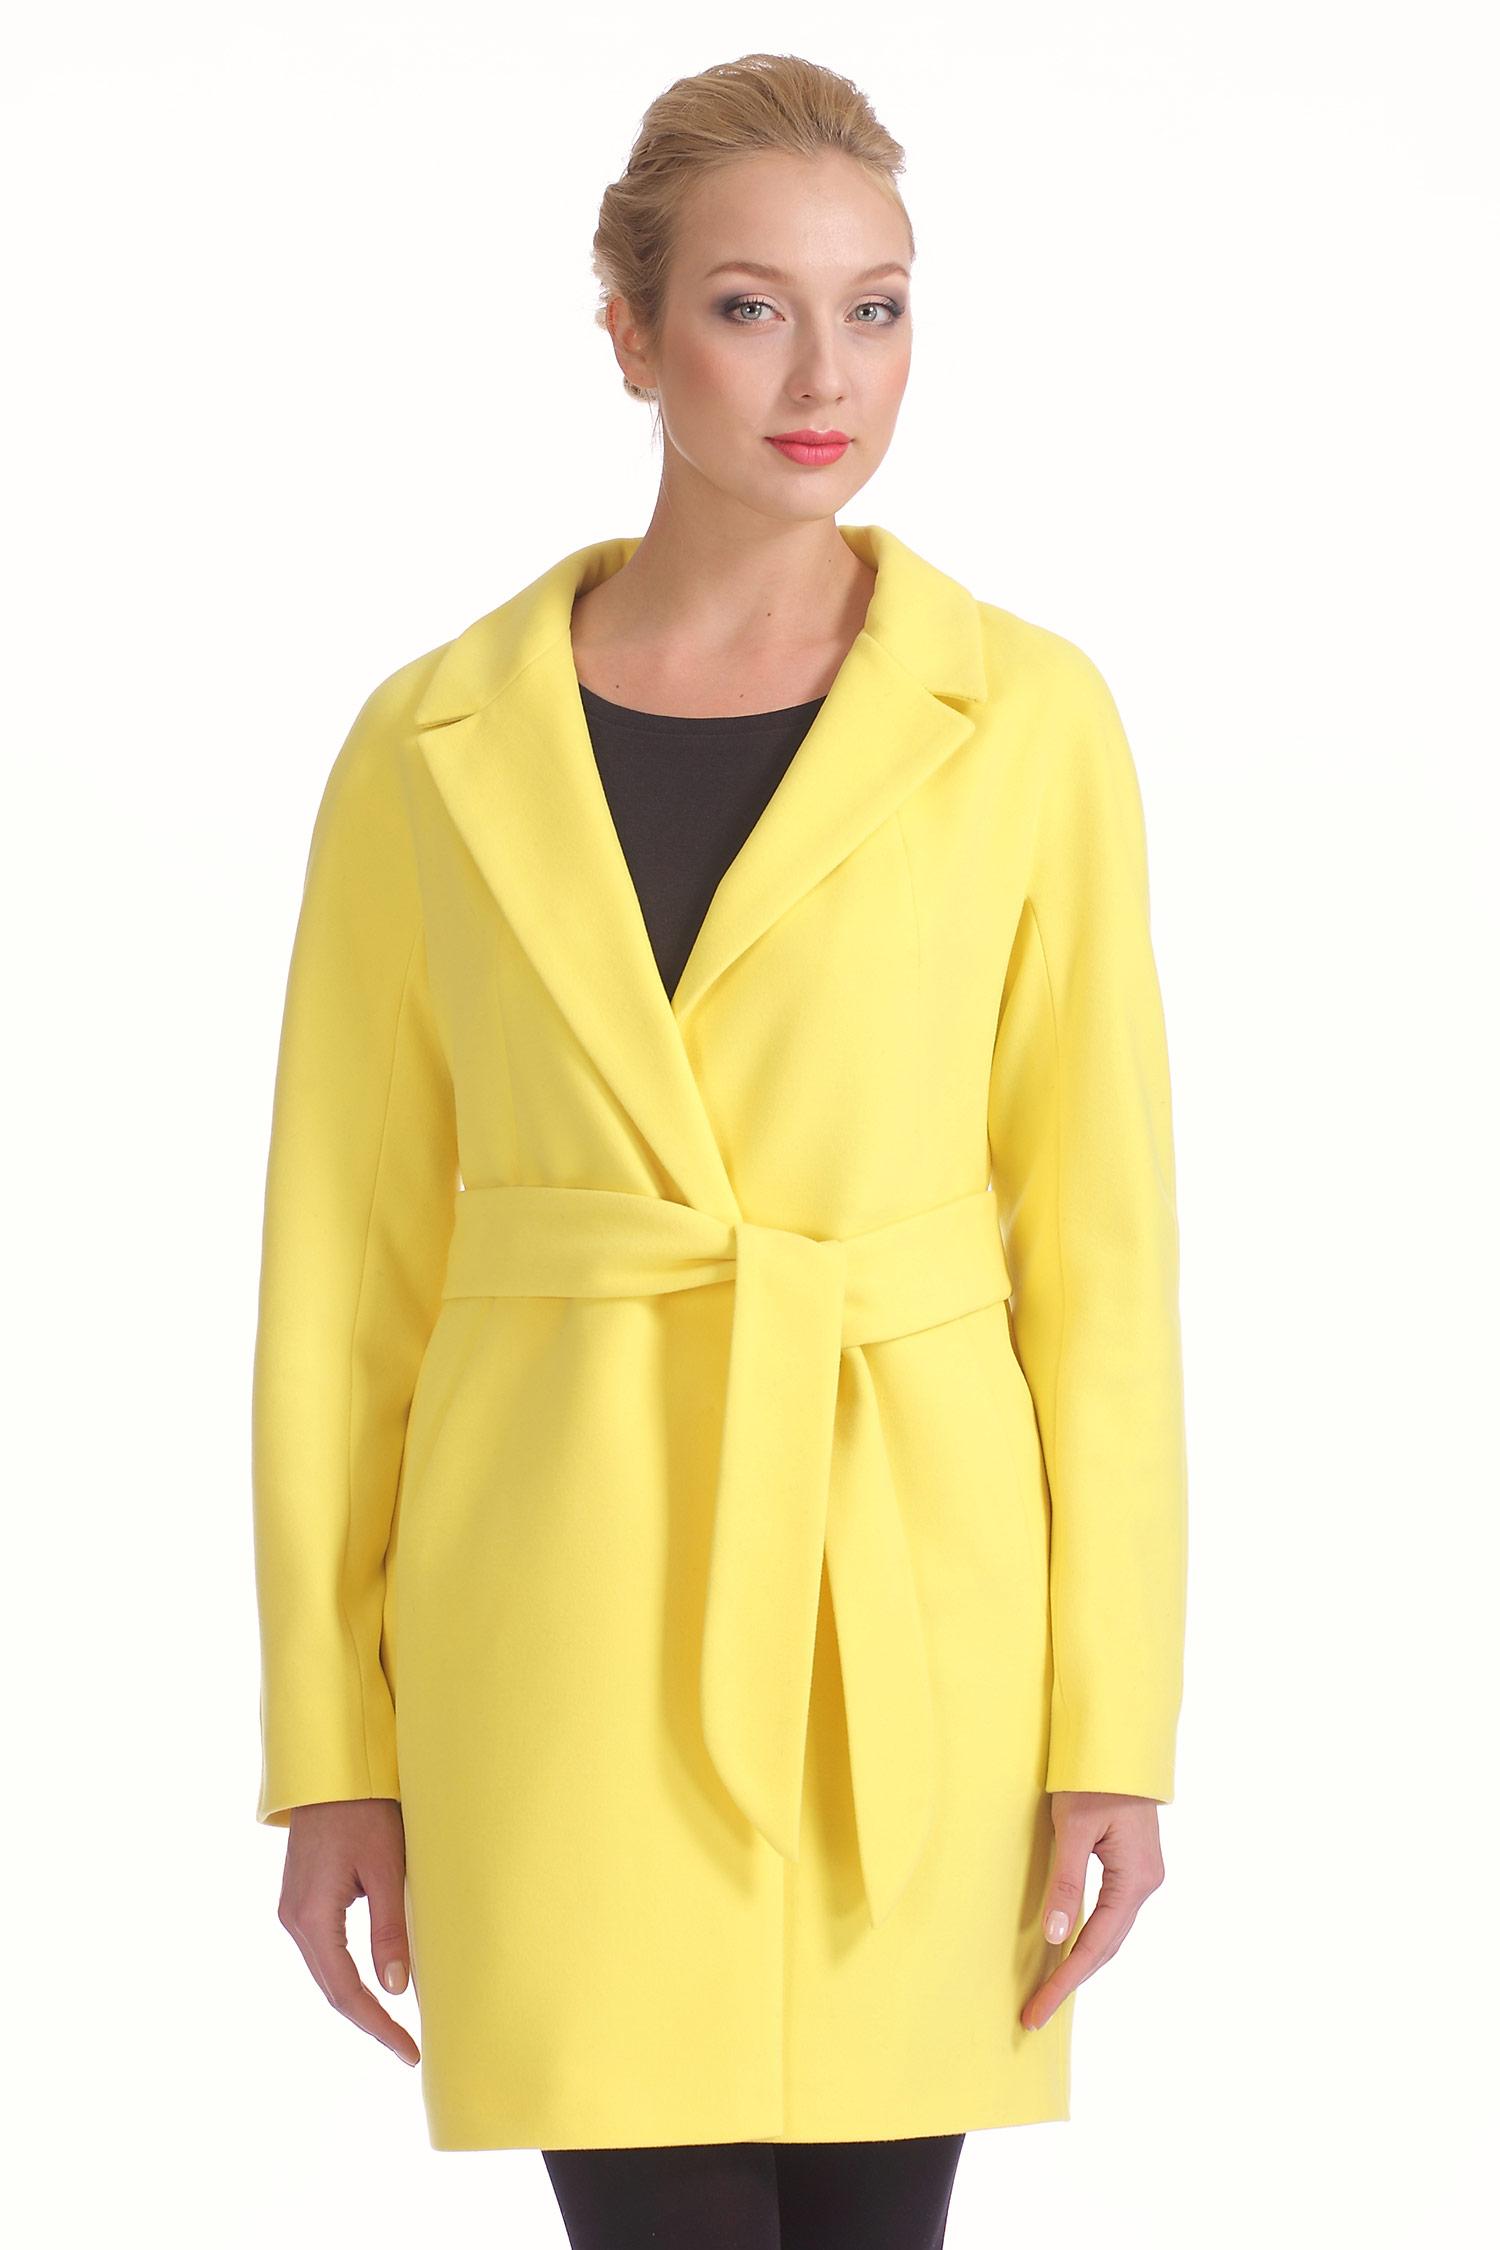 Женское пальто с воротником, без отделки<br><br>Воротник: английский<br>Длина см: Длинная (свыше 90)<br>Материал: Комбинированный состав<br>Цвет: желтый<br>Вид застежки: центральная<br>Застежка: на пуговицы<br>Пол: Женский<br>Размер RU: 44